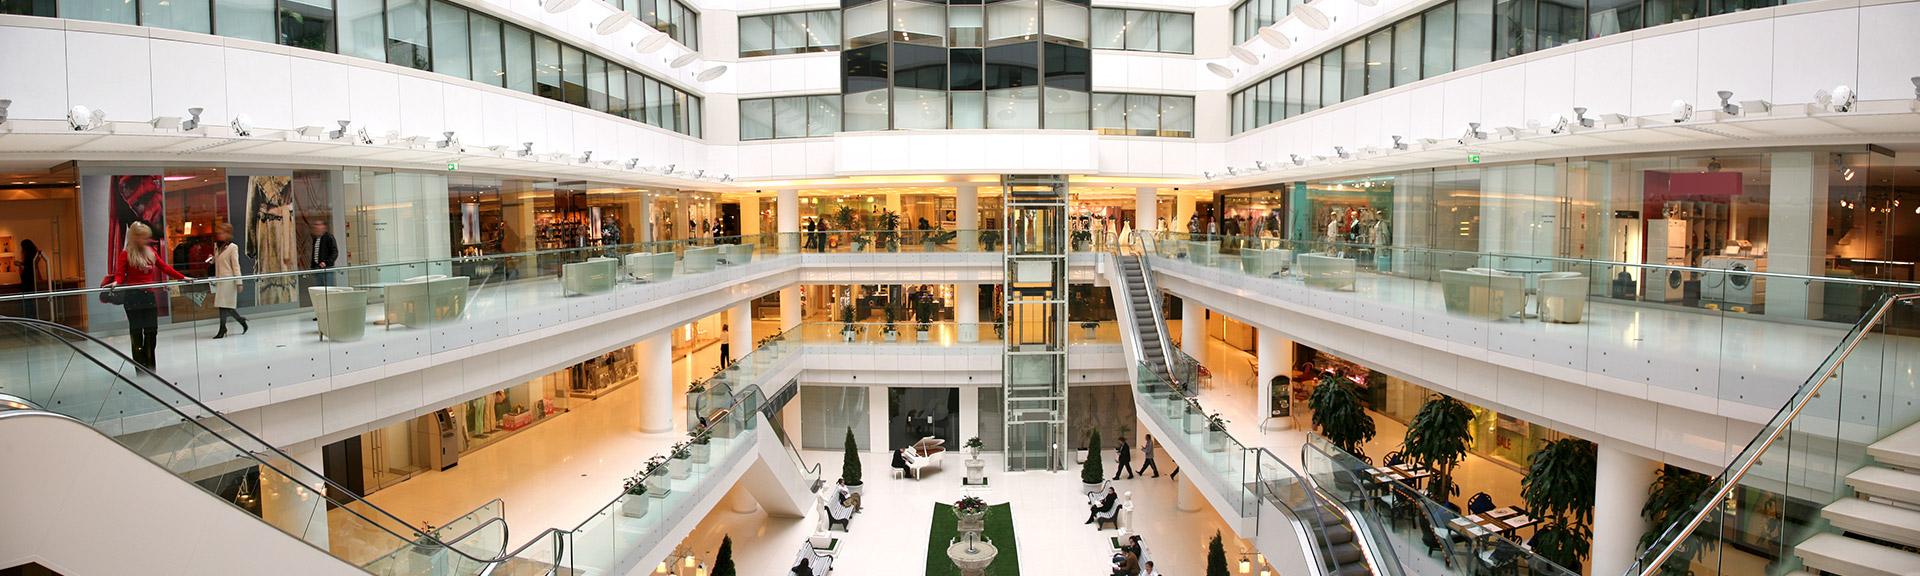 header_einkaufszentrum